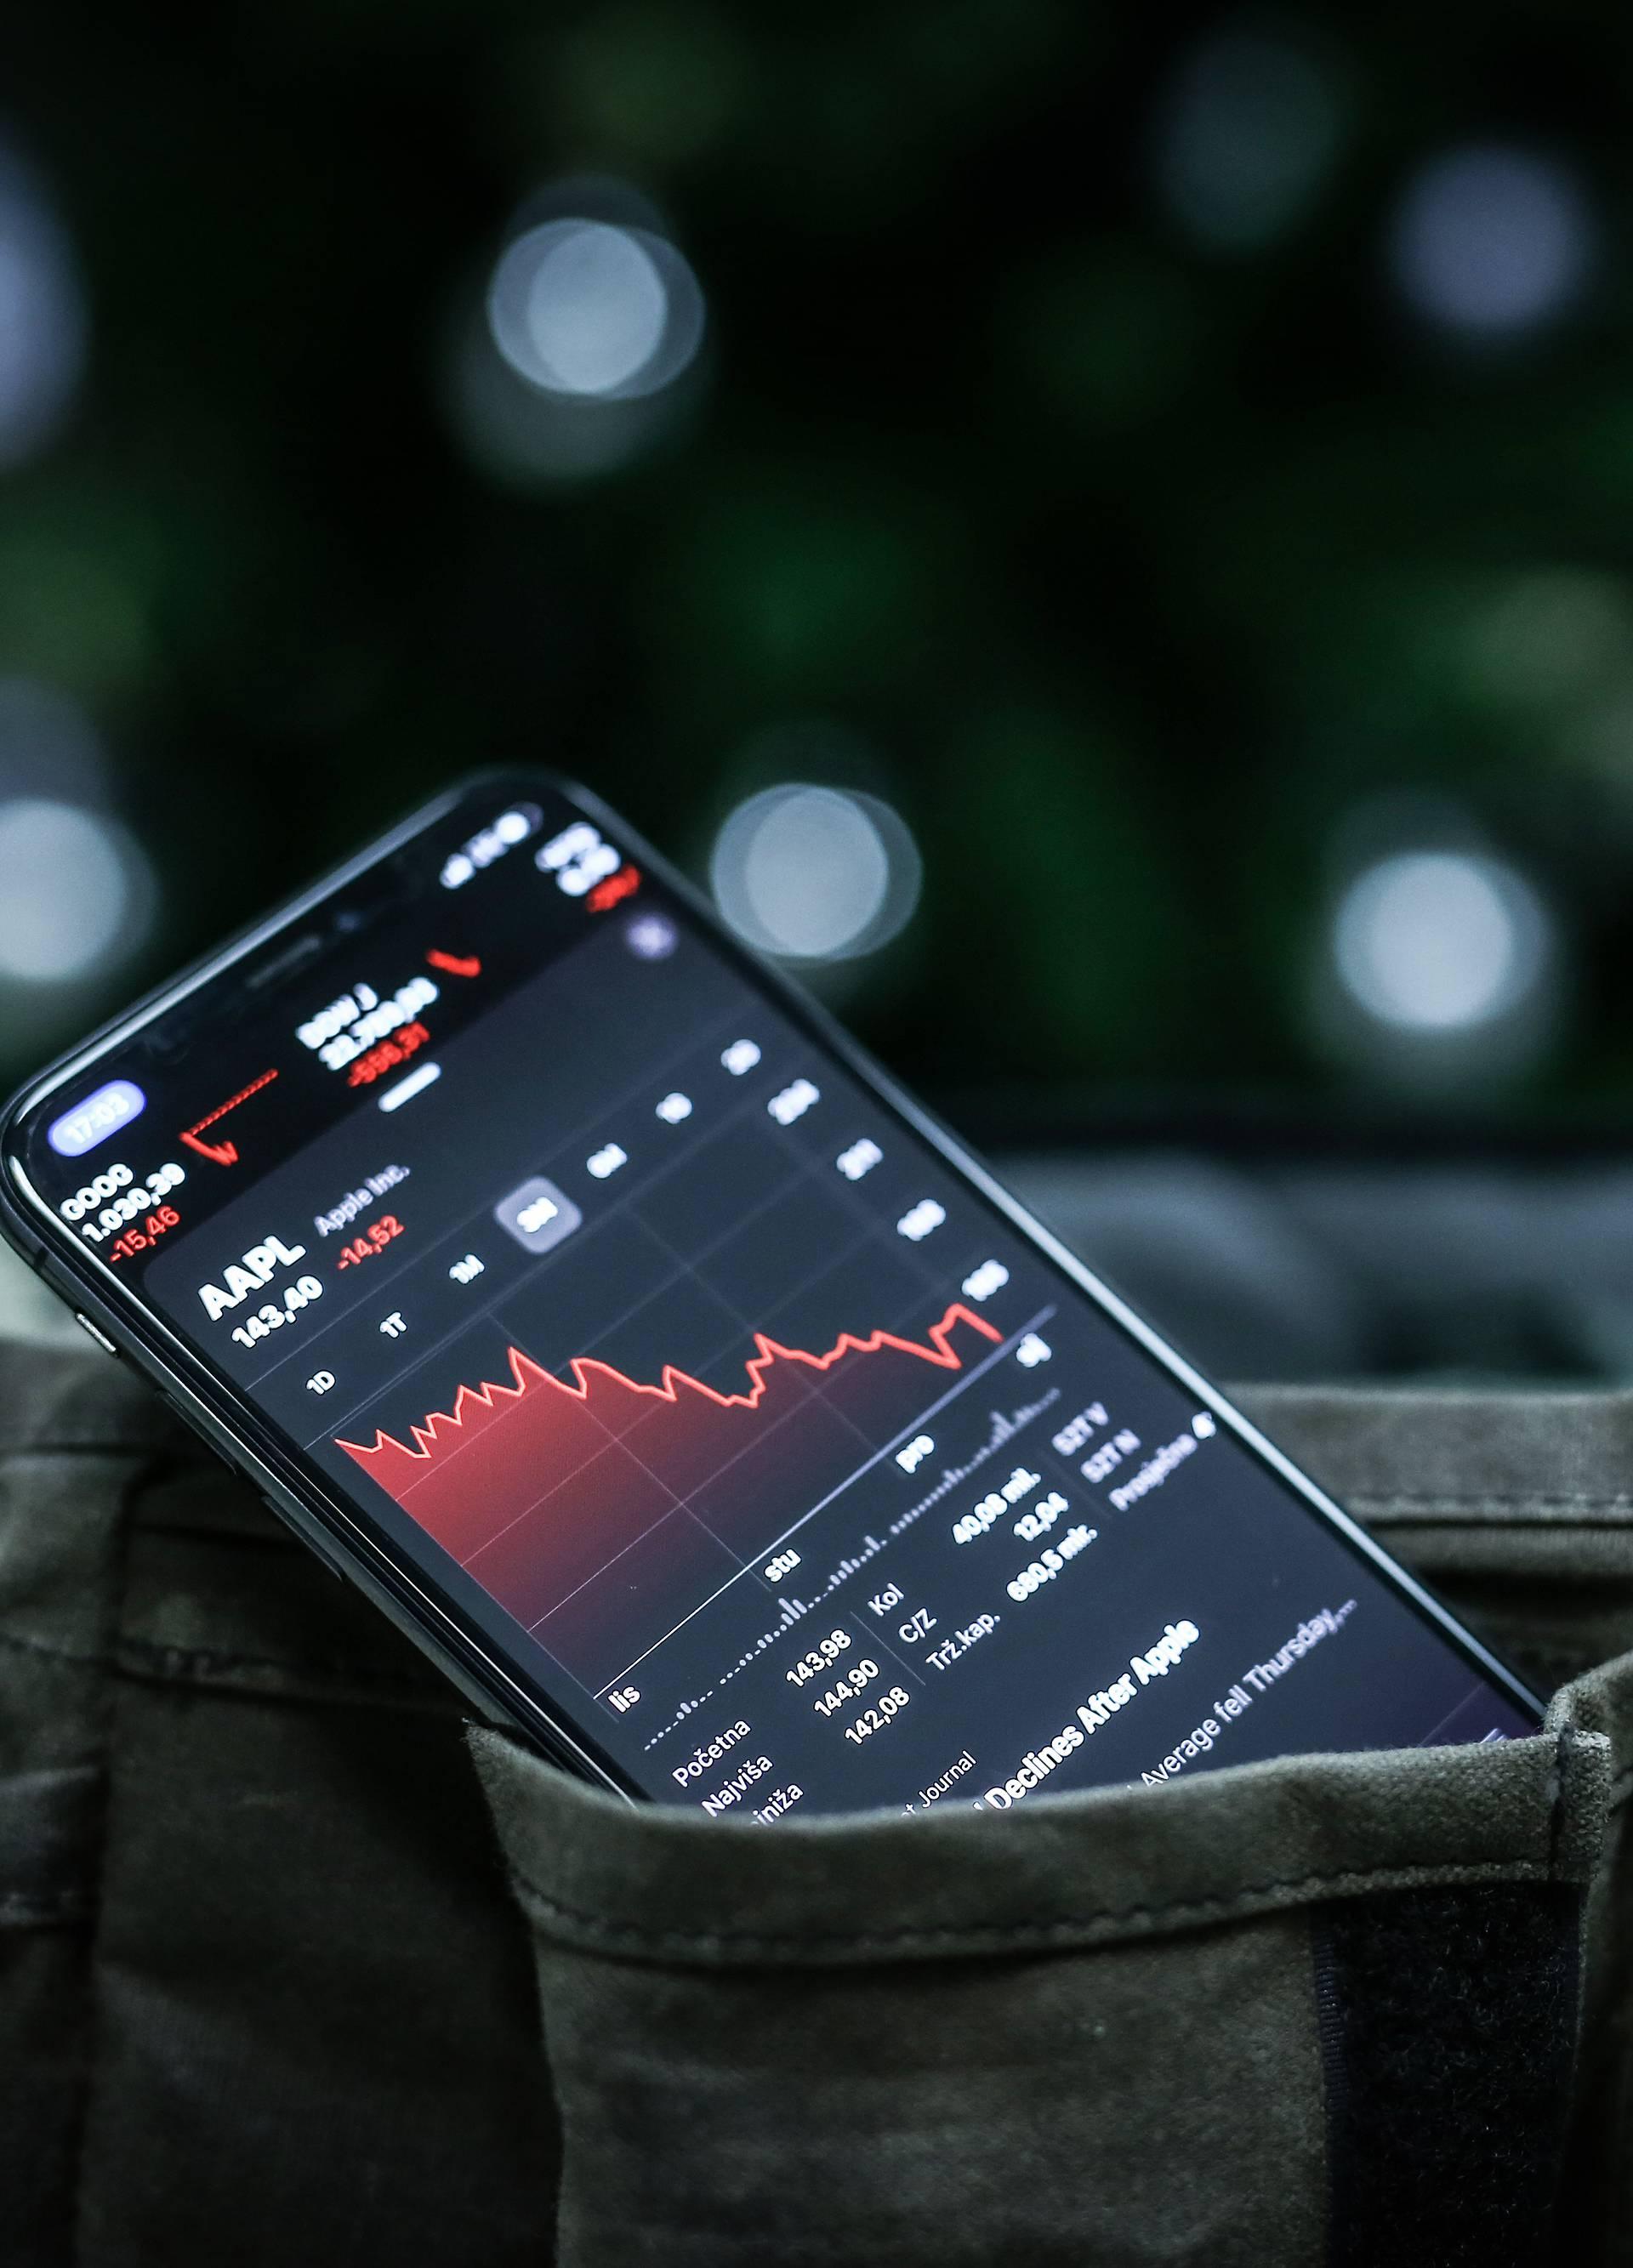 Želite internetsko ili mobilno bankarstvo? Provjerite cijene